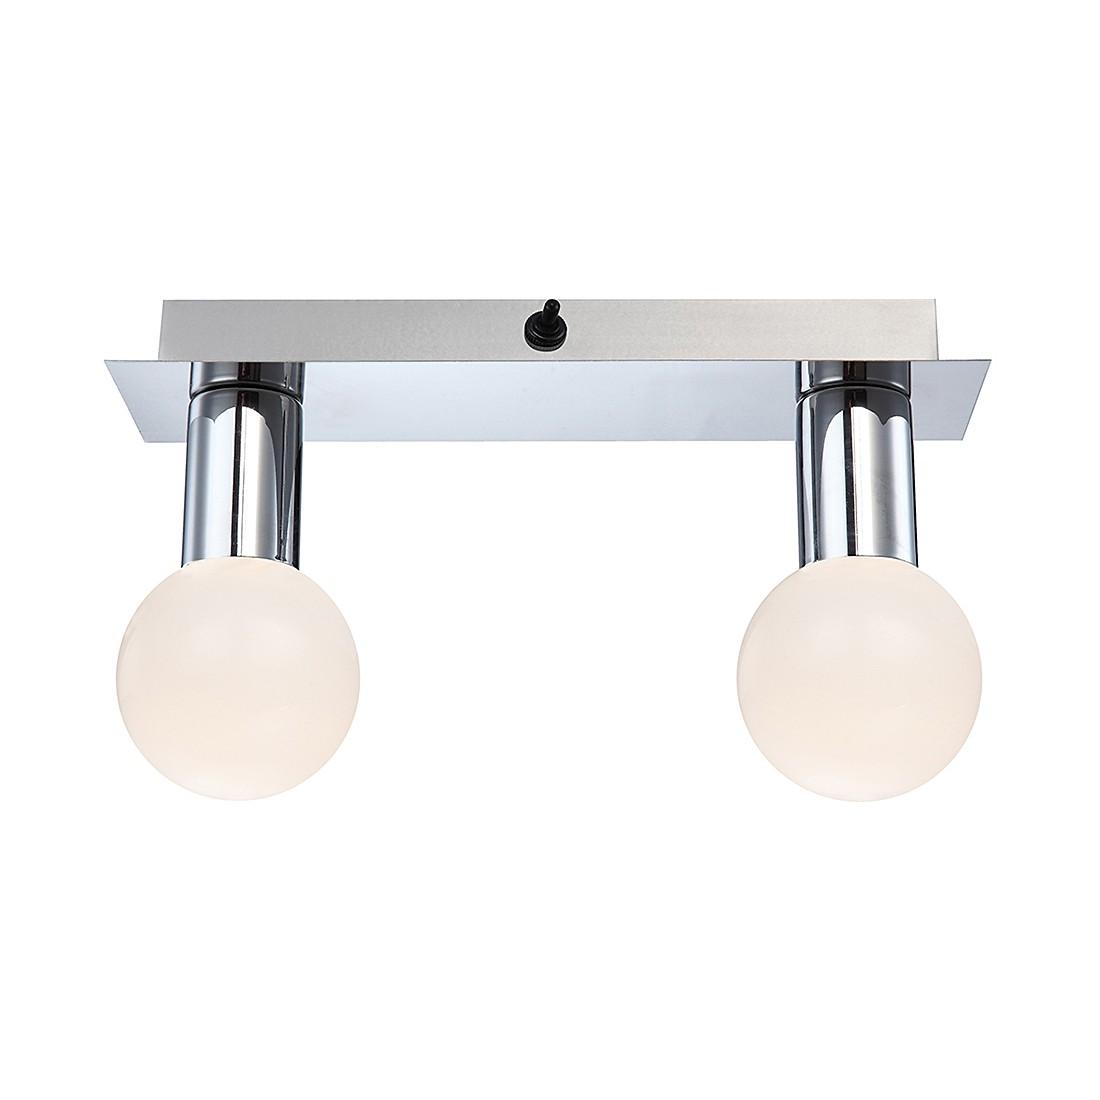 EEK A+, Wandleuchte SOLIG – Metall – Silber – 2-flammig, Globo Lighting jetzt bestellen